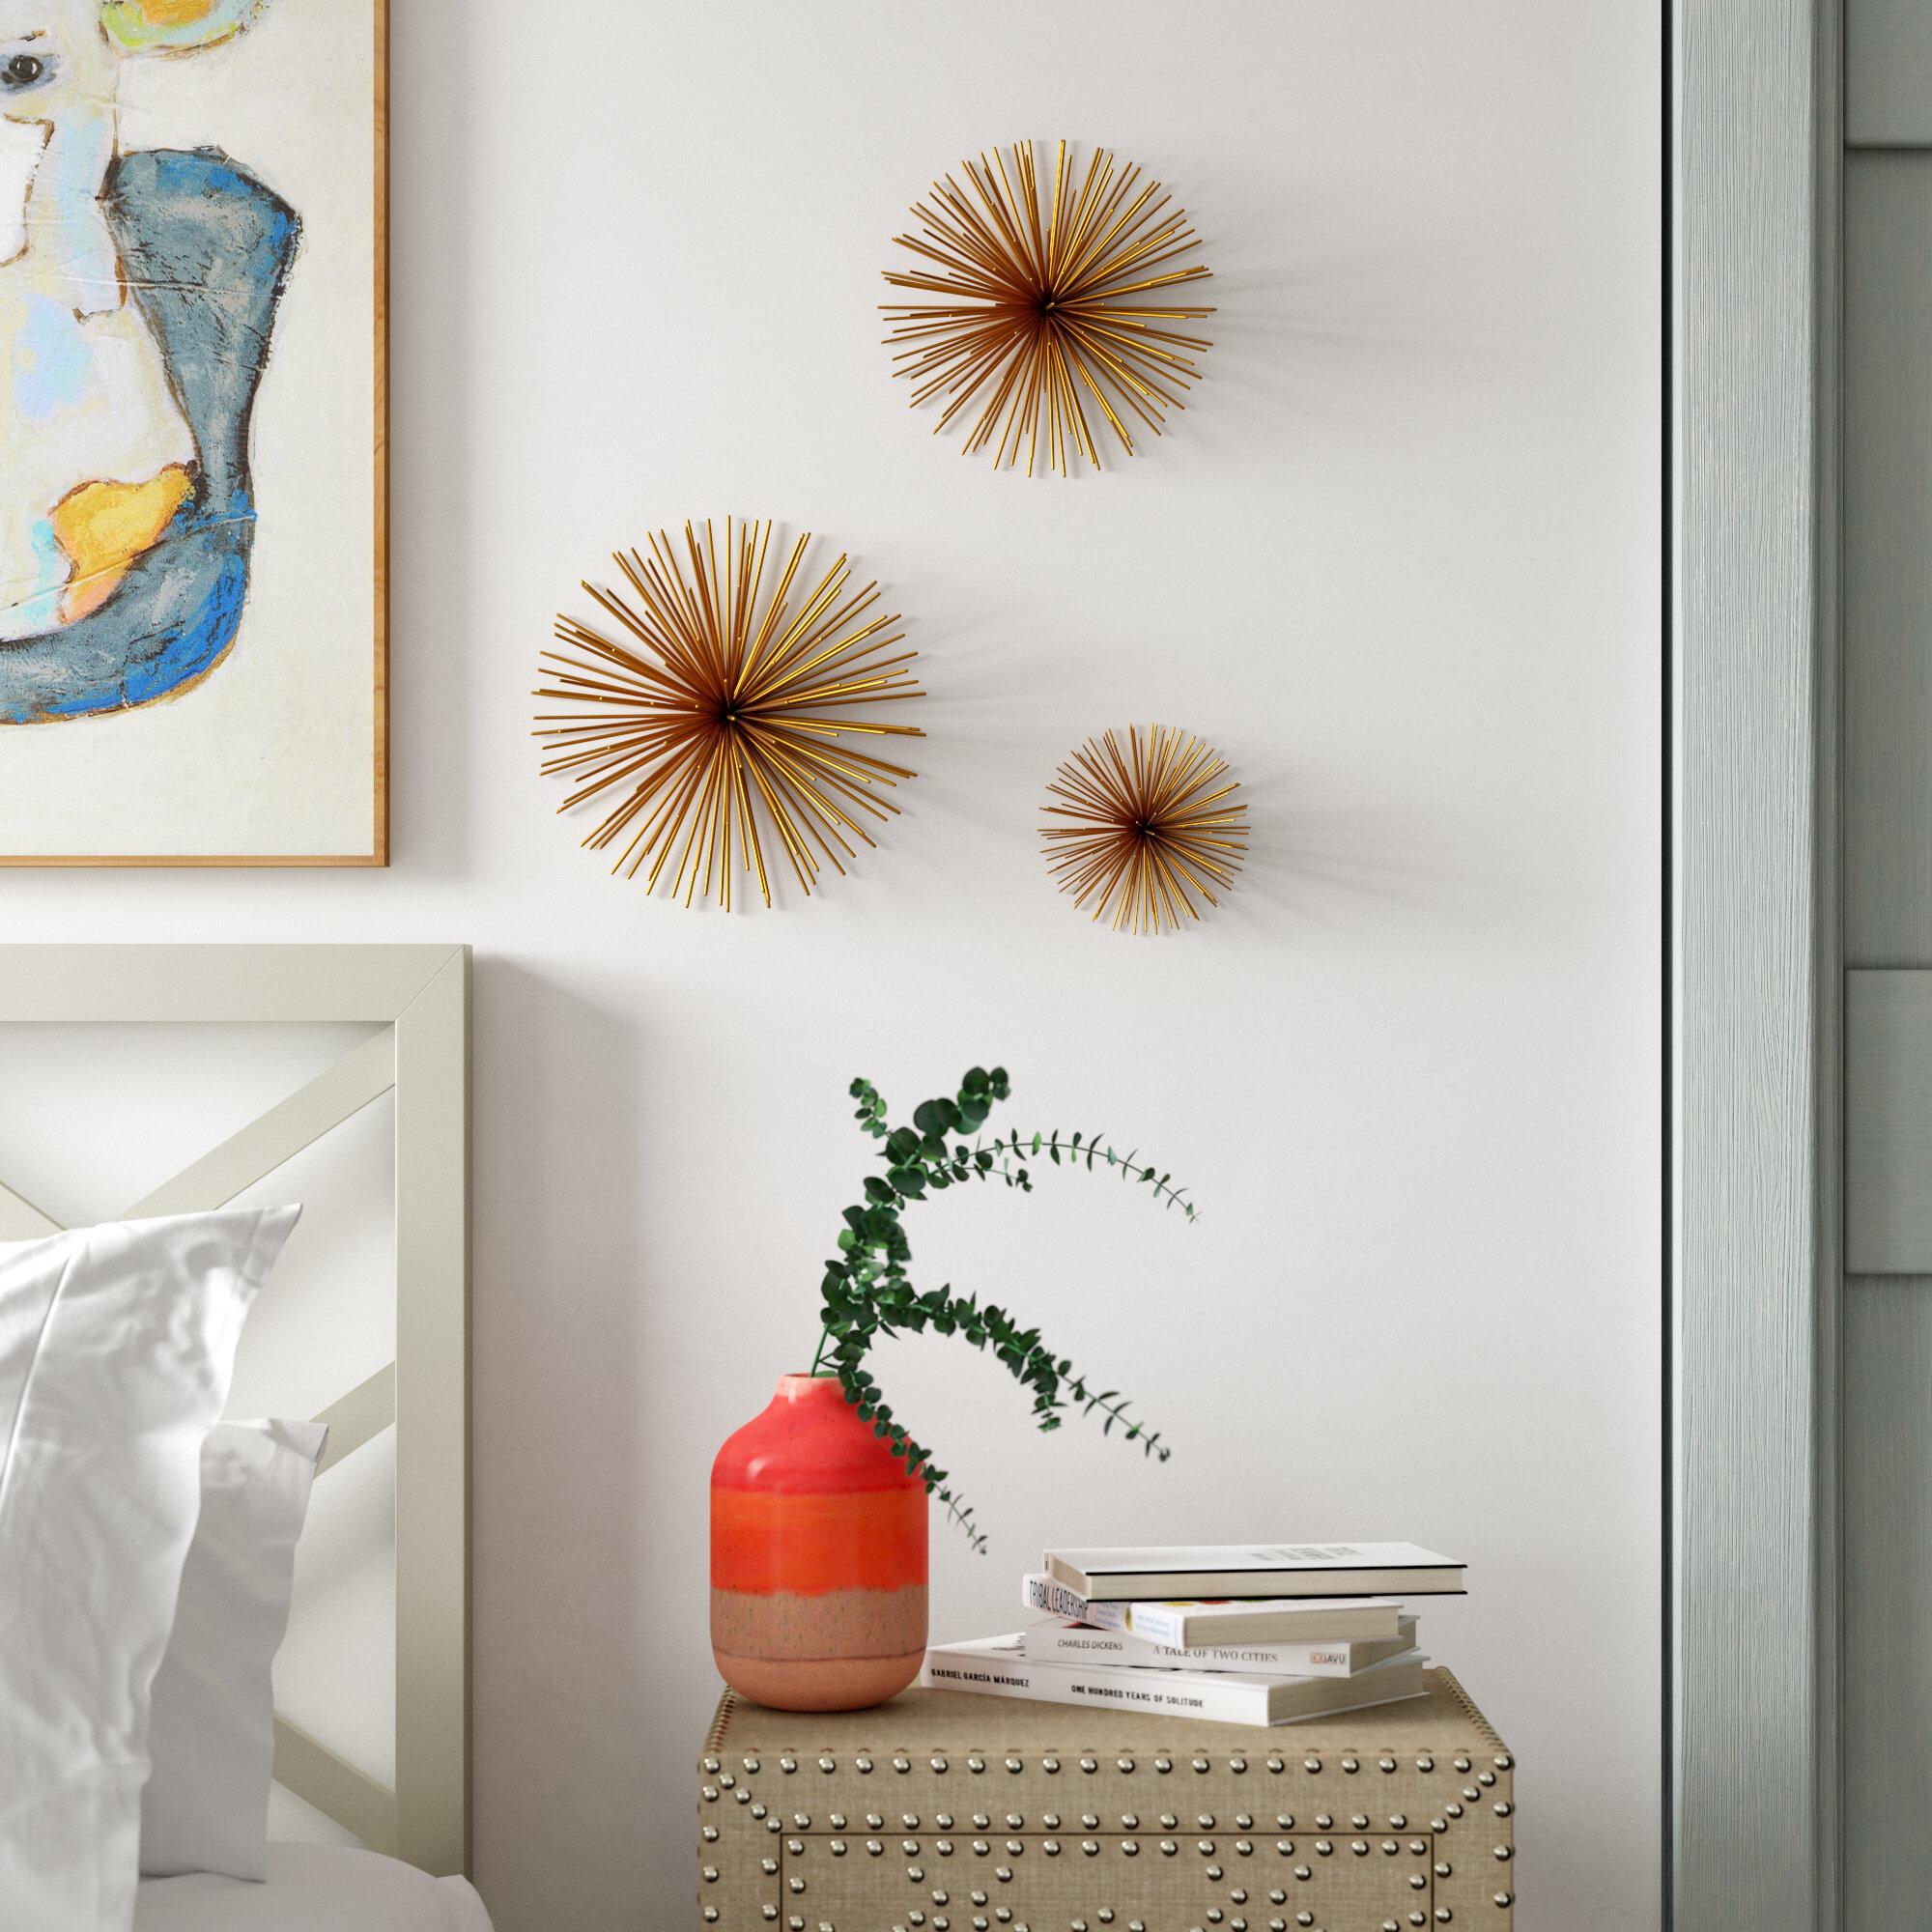 Gold Flamingo 3 Piece Large Starburst Wall Decor Set Reviews Wayfair